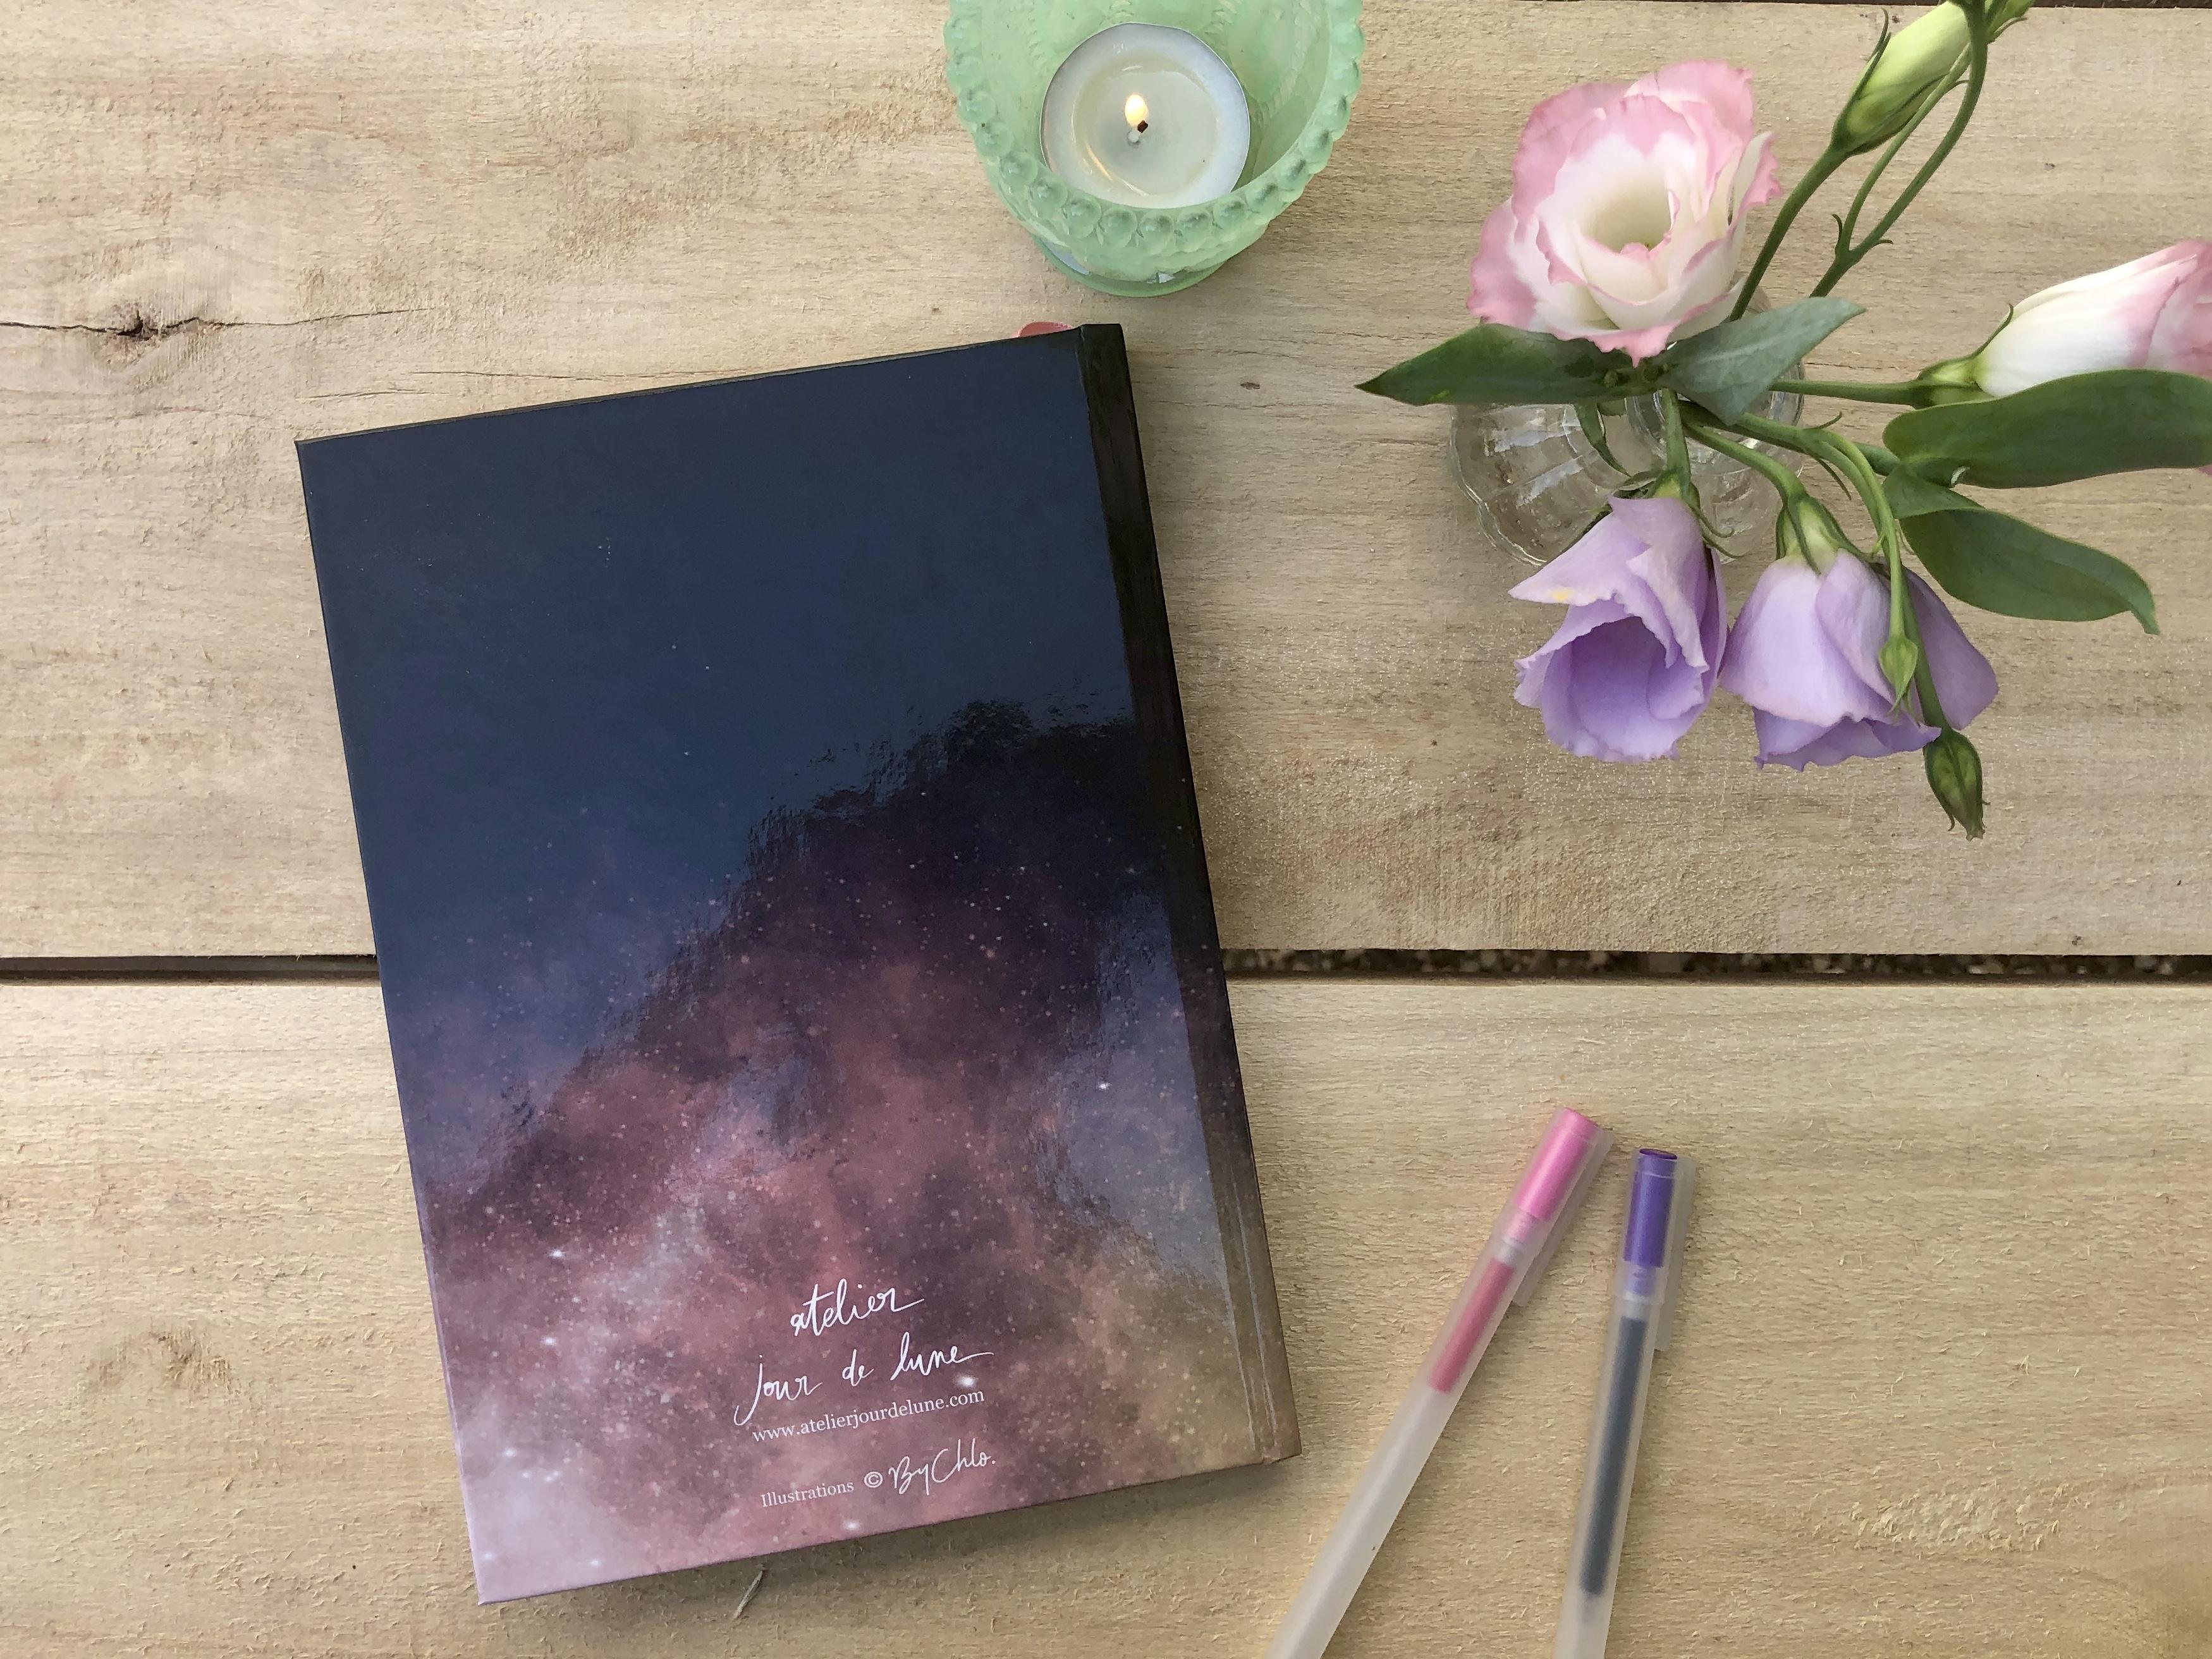 Journal-rallumeur-étoiles-vue-quatrième-couverture-Atelier-Jour-de-Lune